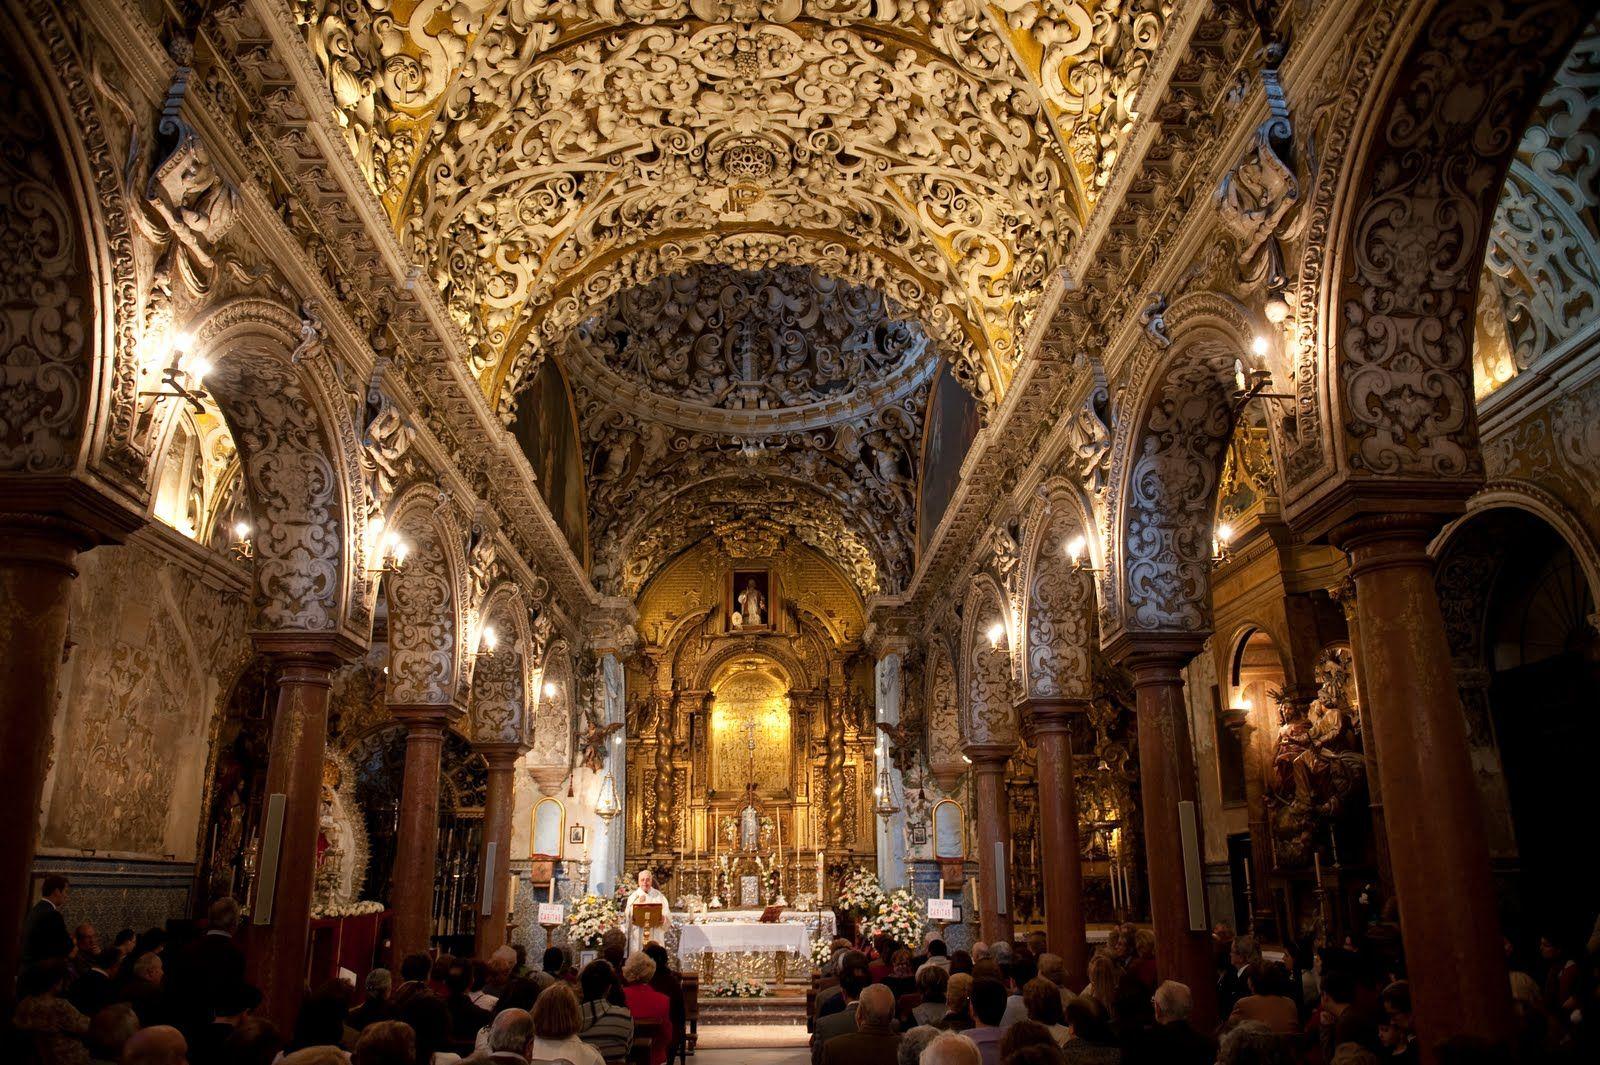 DANIEL SALVADOR-ALMEIDA: ULTIMA MISA EN LA IGLESIA DE SANTA MARIA LA BLANCA DE SEVILLA ANTES DE SU CIERRE POR RESTAURACIÓN